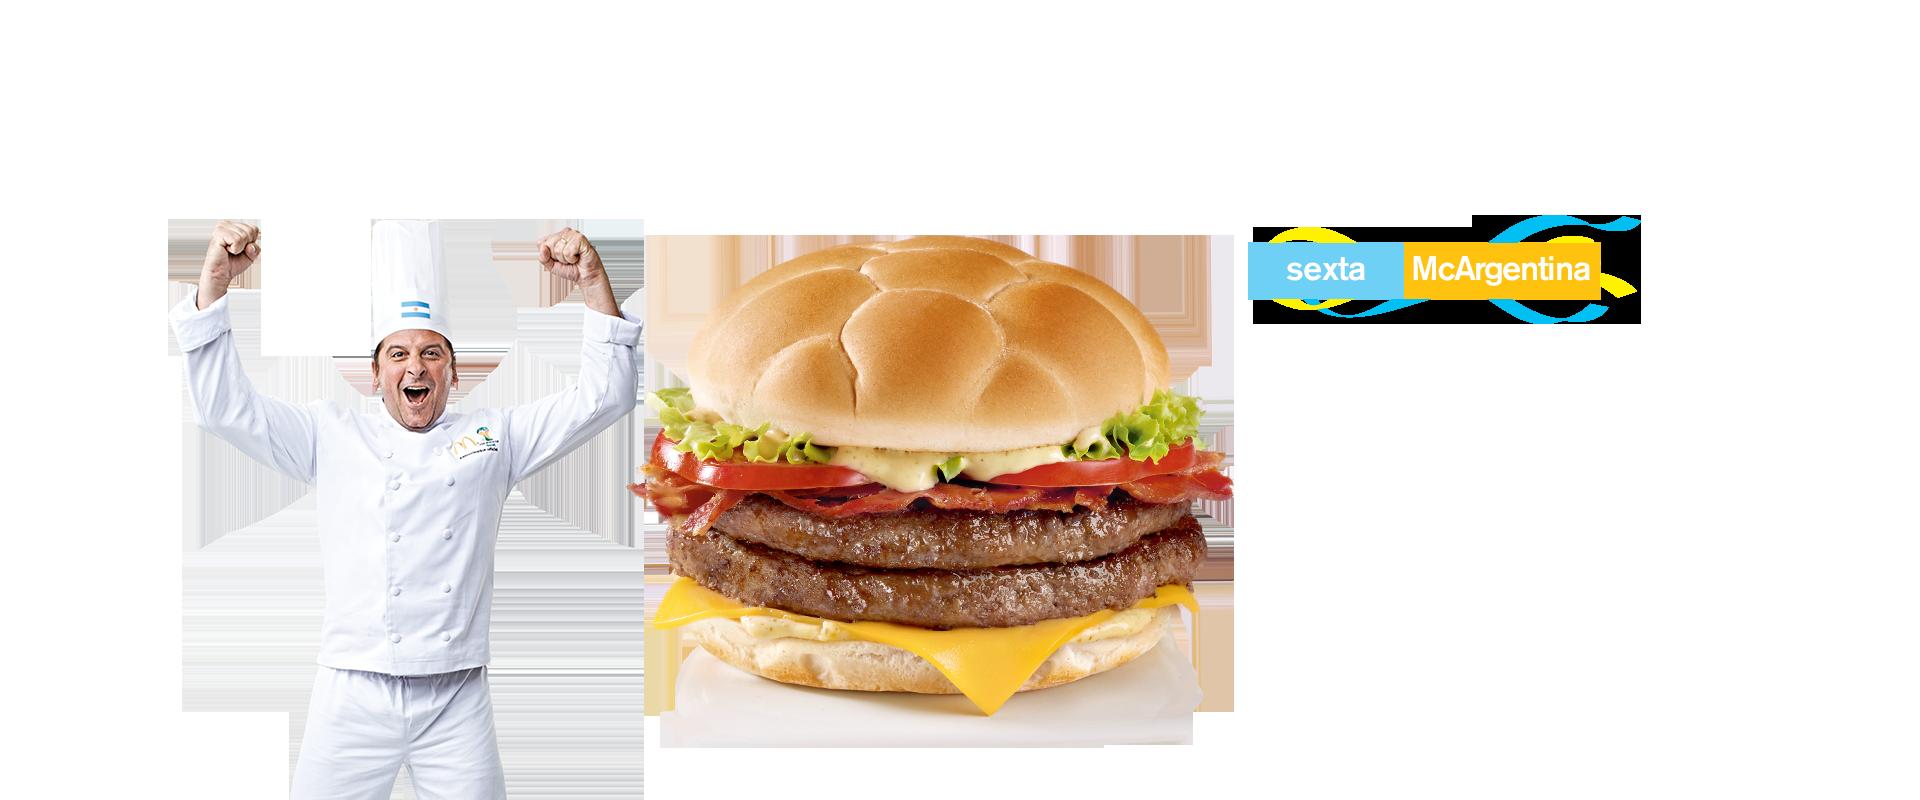 Burger McArgentina  McDonald's - Coupe du Monde 2014 (argentine)